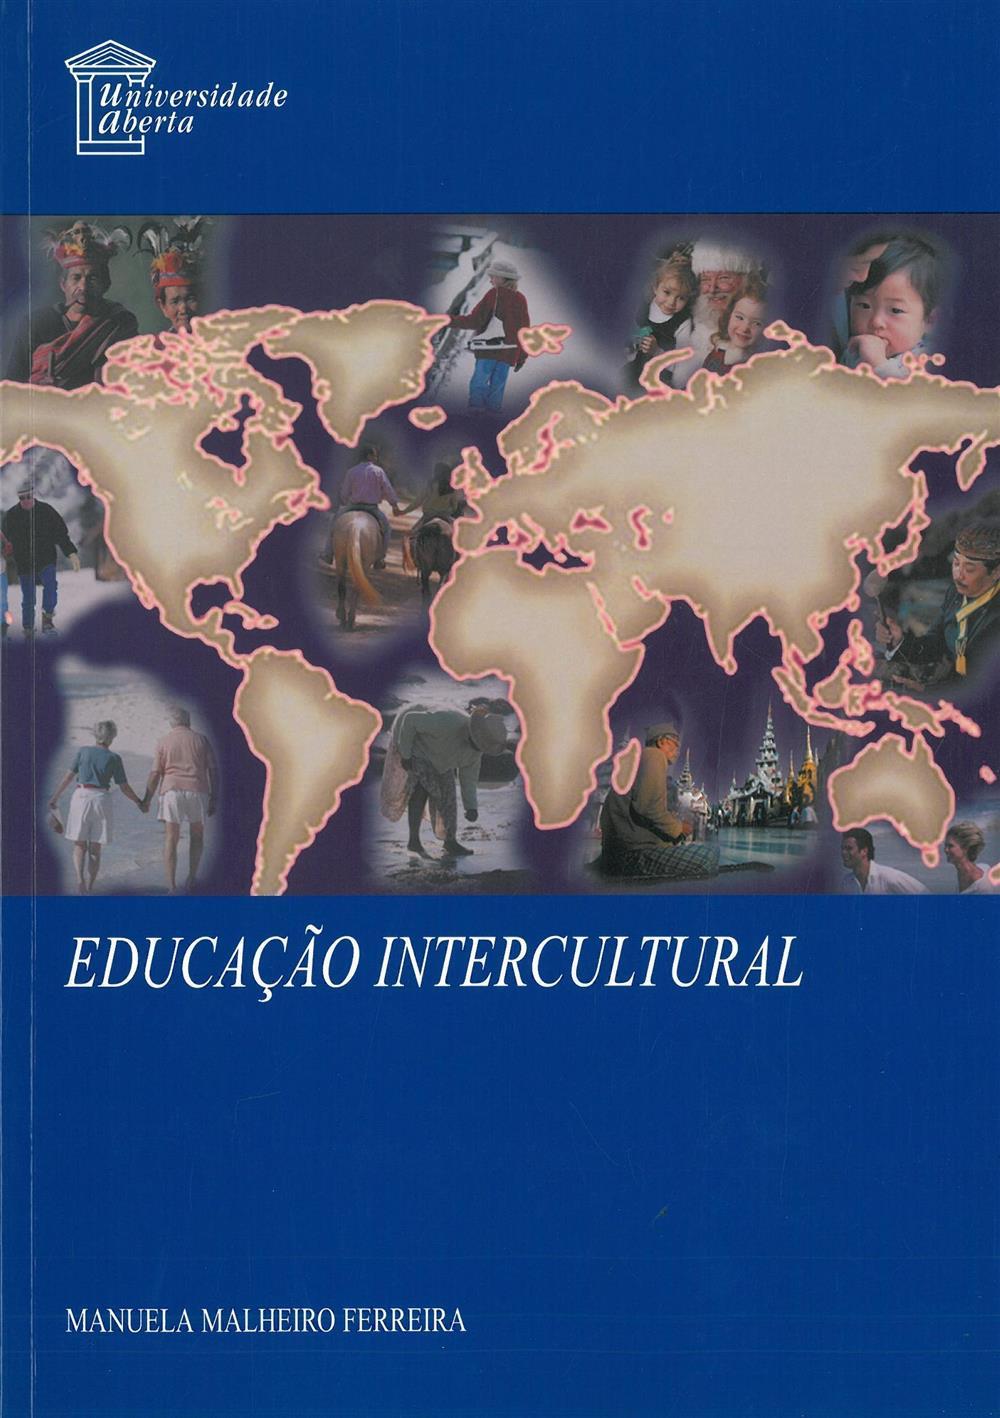 Educação intercultural_.jpg